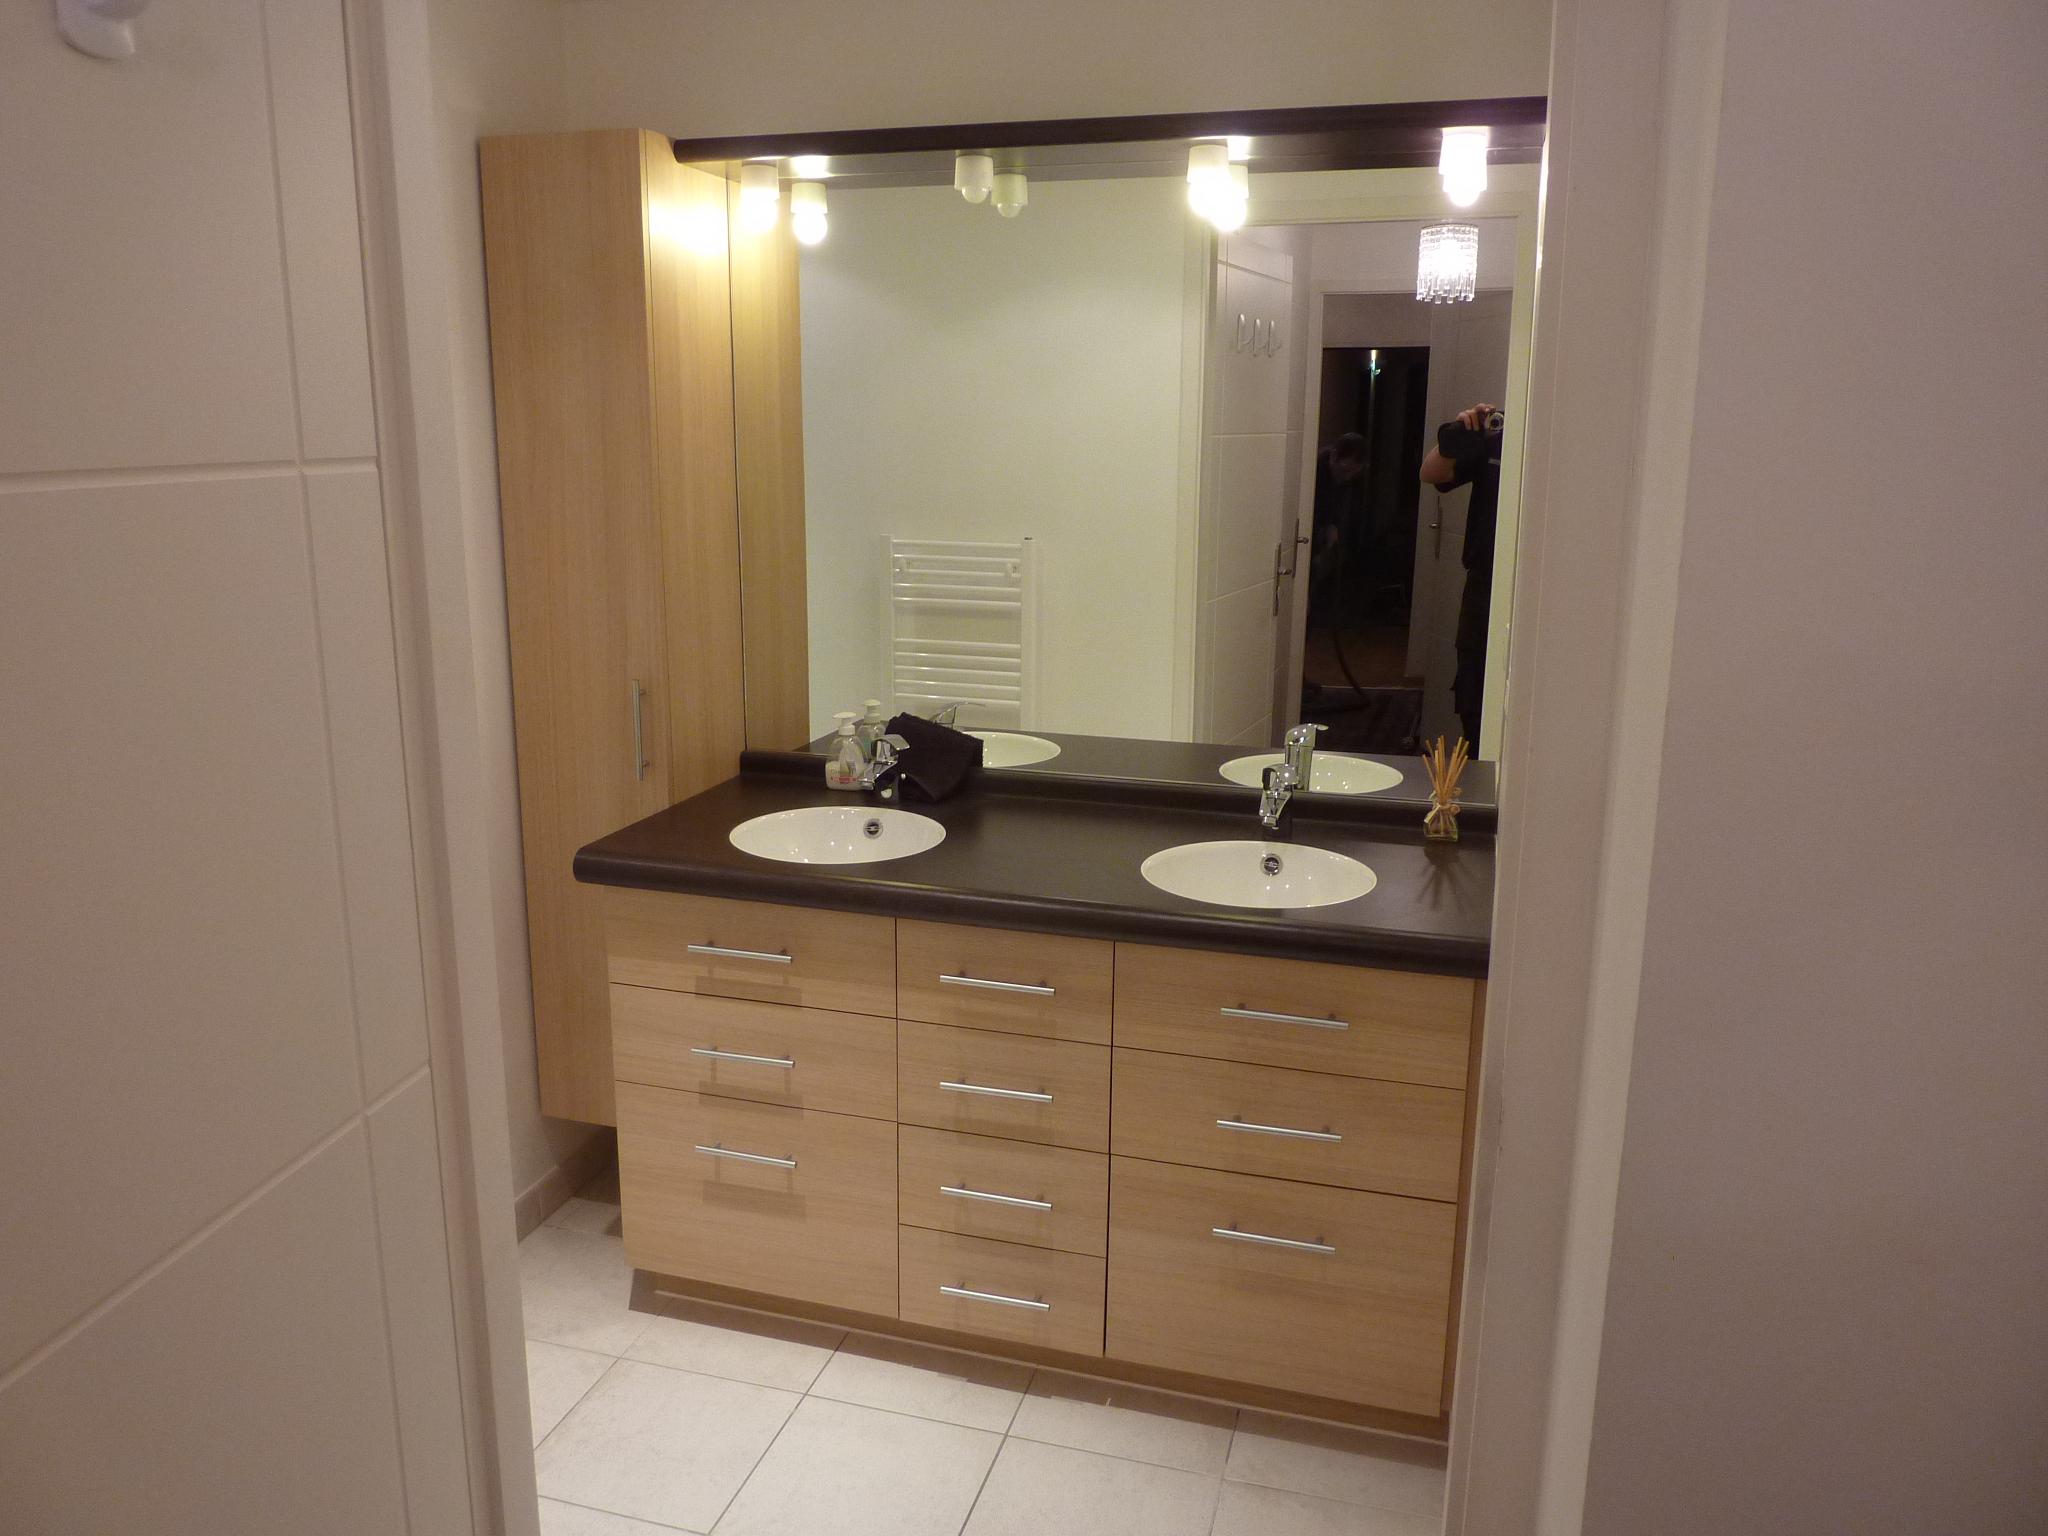 Meuble de salle de bains - Kiosque Aménagement